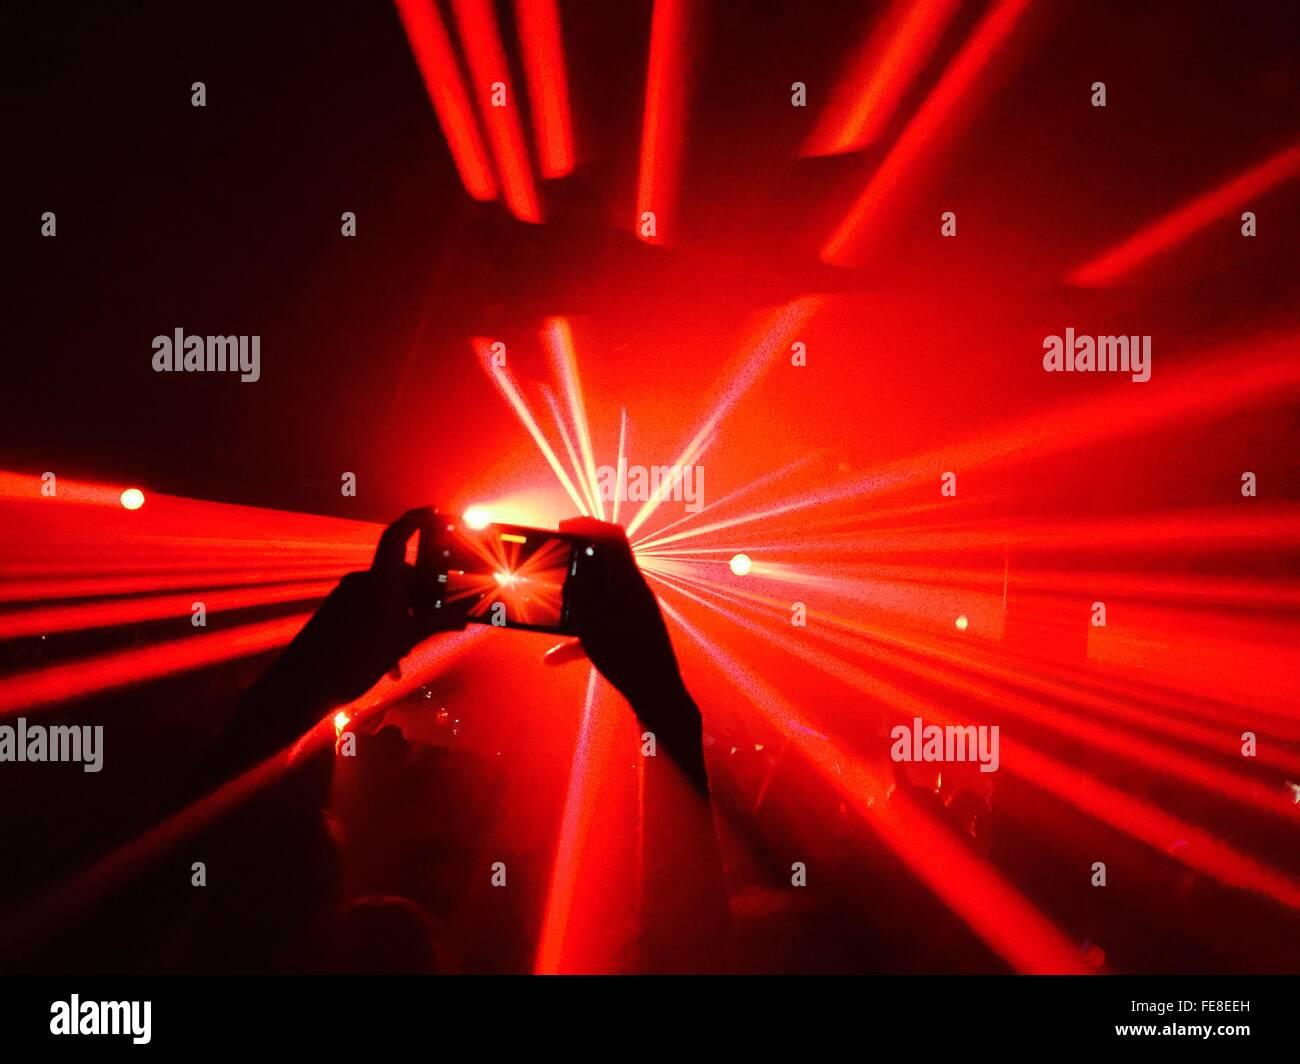 Personne prenant à parti du club de nuit Photo Photo Stock